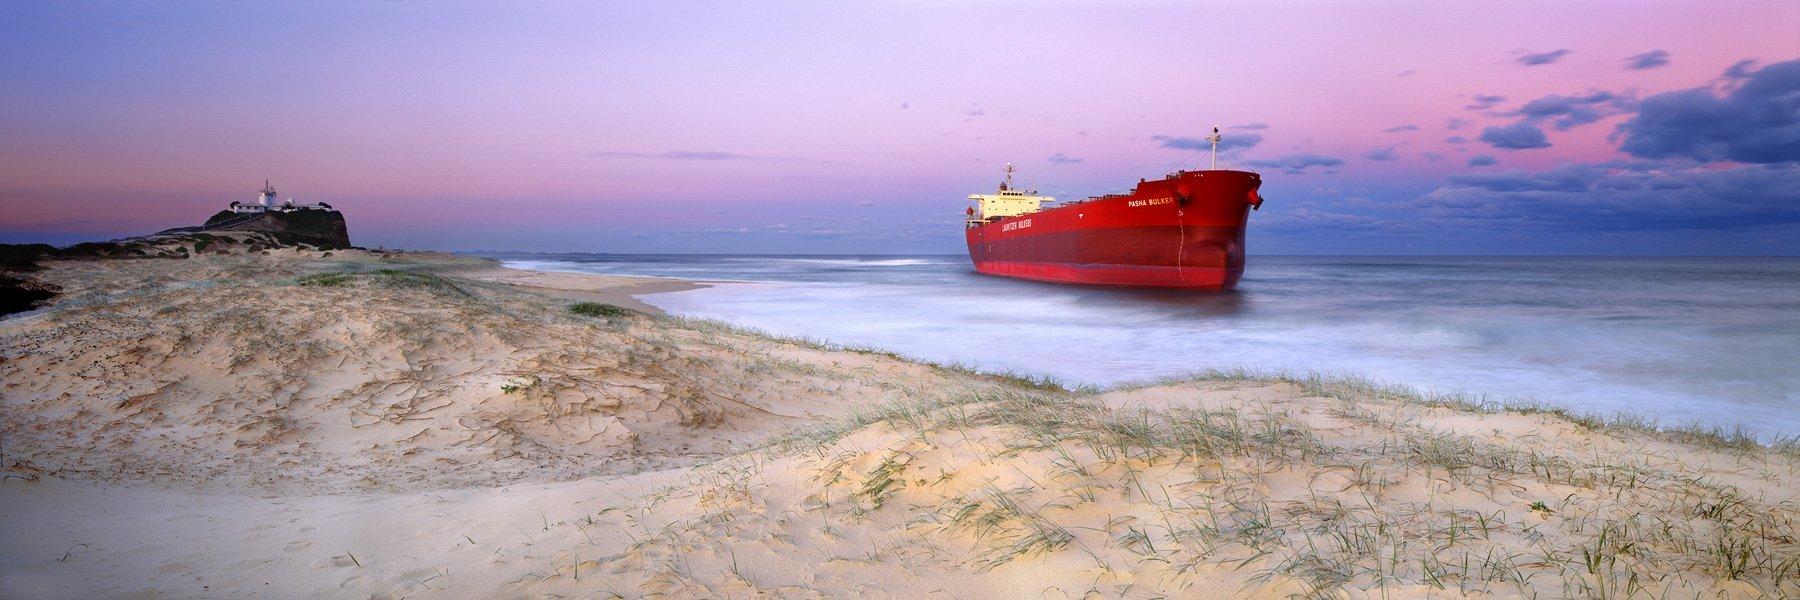 Pasha Bulker, Stranded, Nobbys Beach, NSW